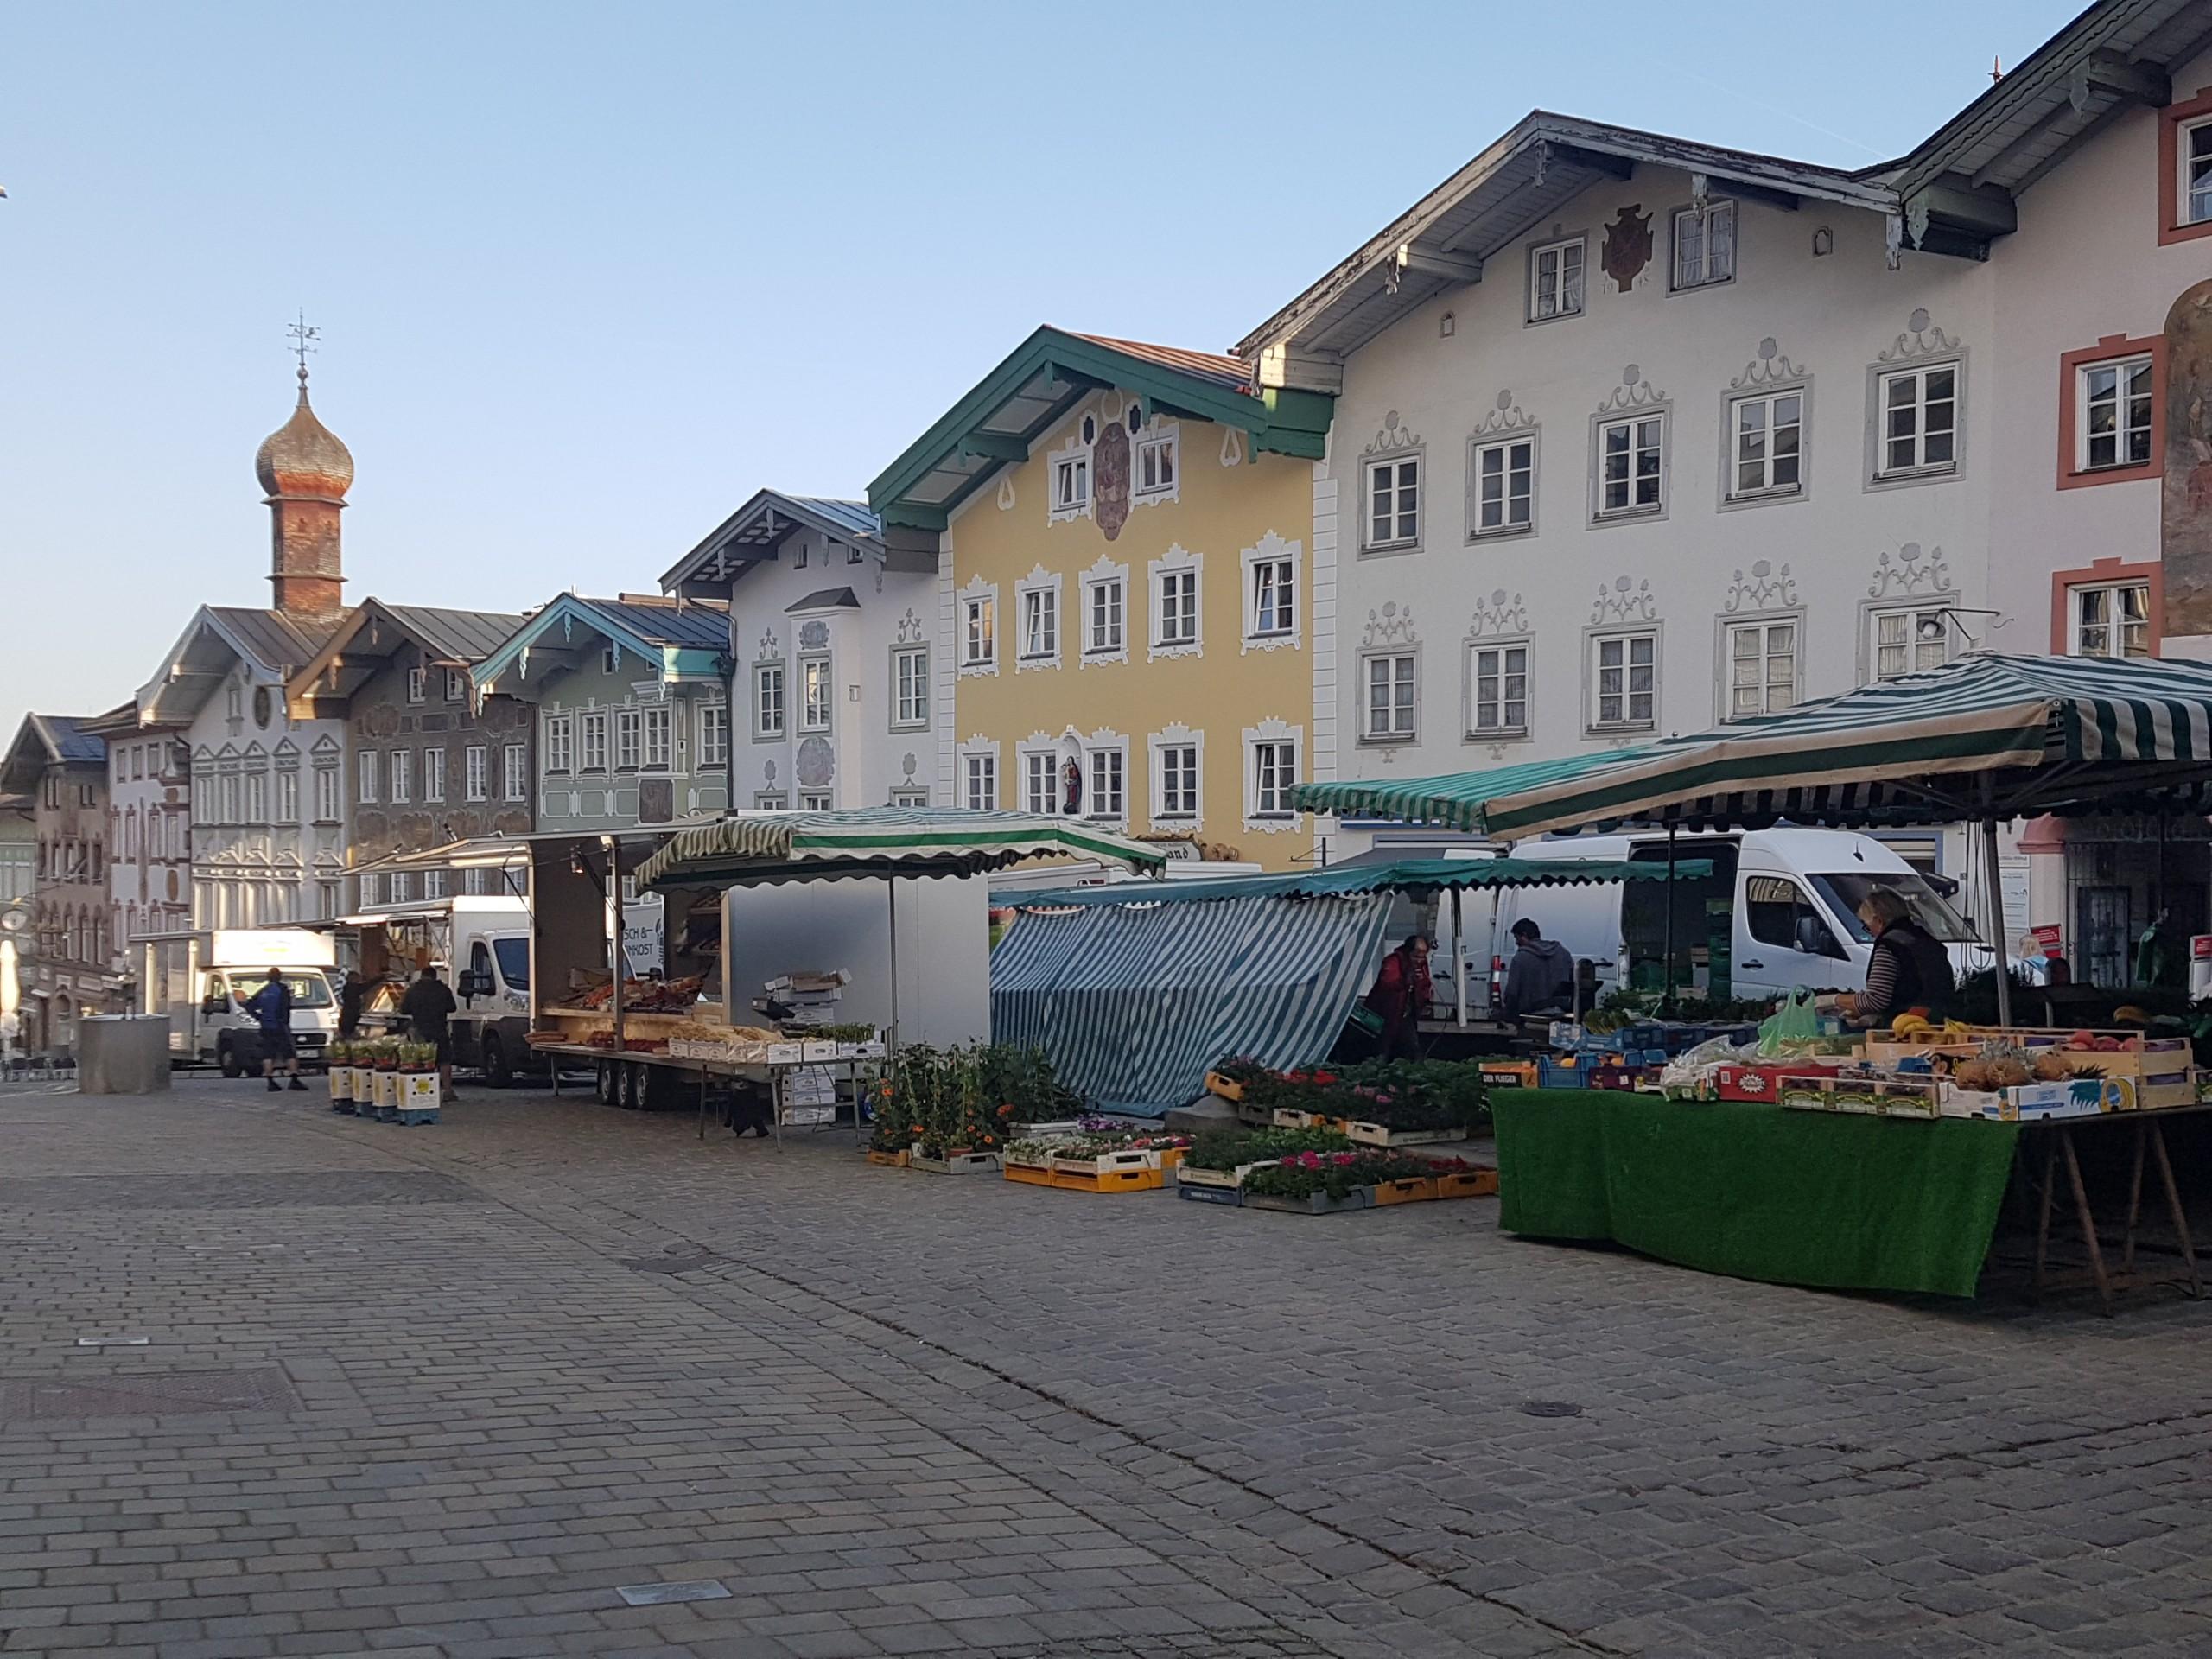 Wochenmarkt in Bad Tölz